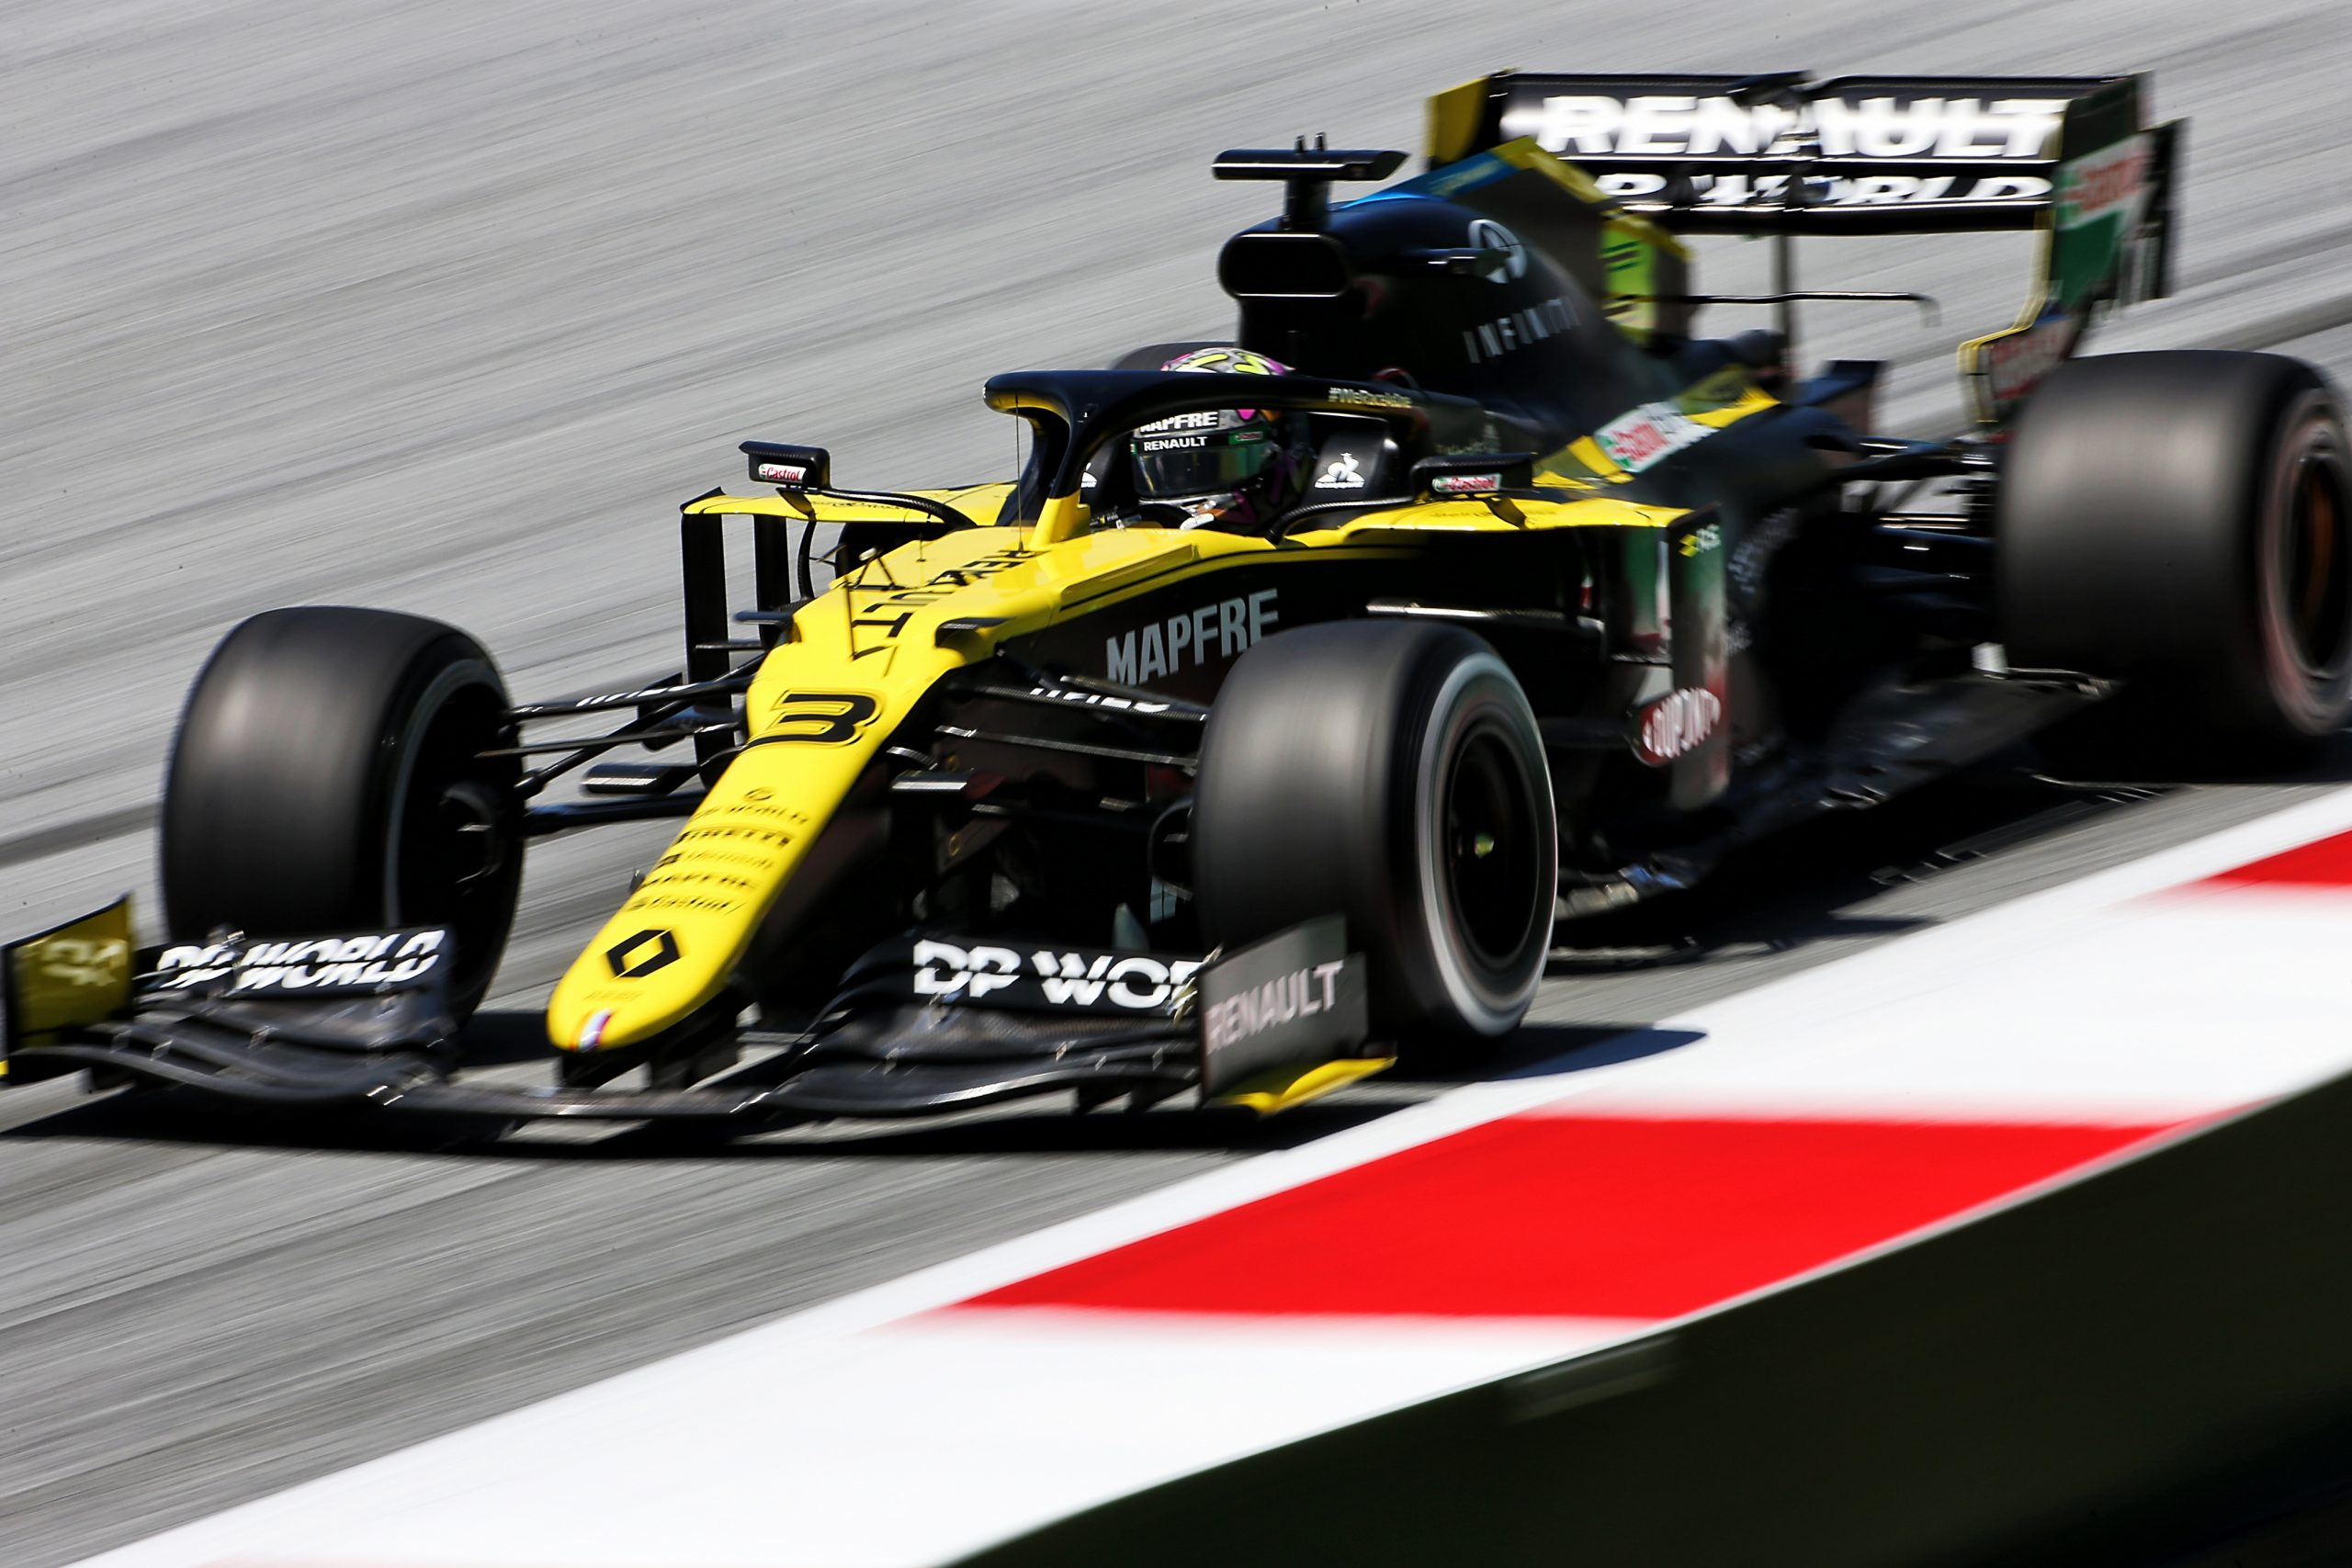 Officiel : Renault dépose une réclamation contre Racing Point 1